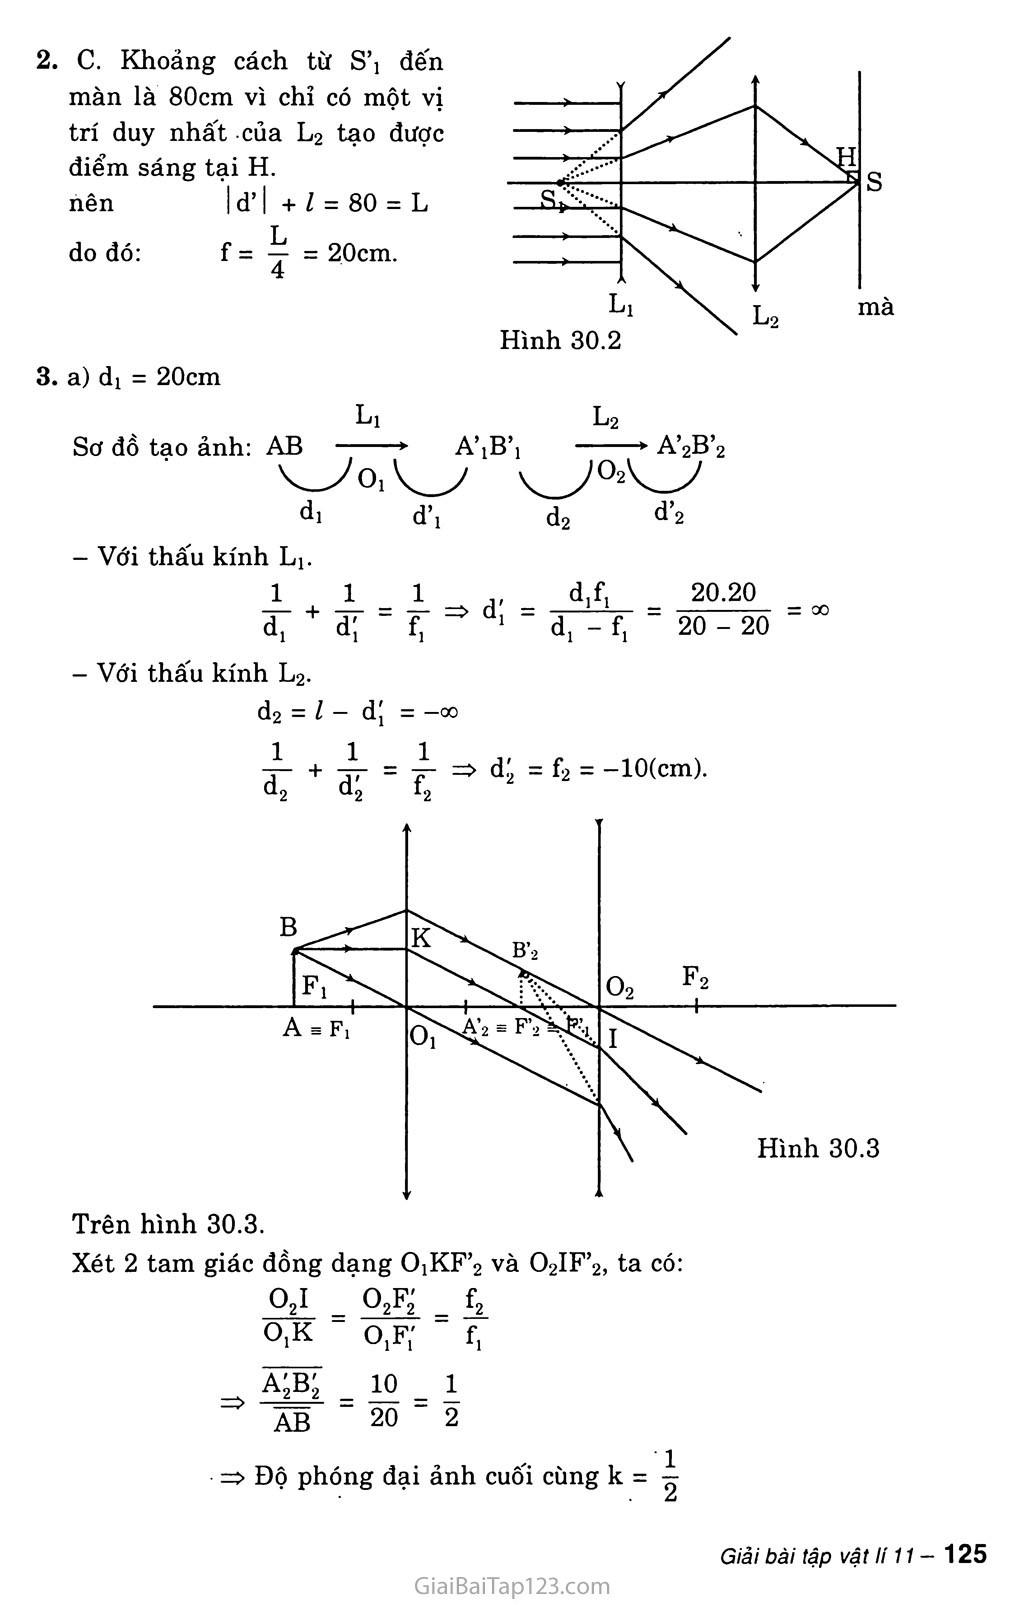 Bài 30: Giải bài toán về hệ thấu kính trang 4